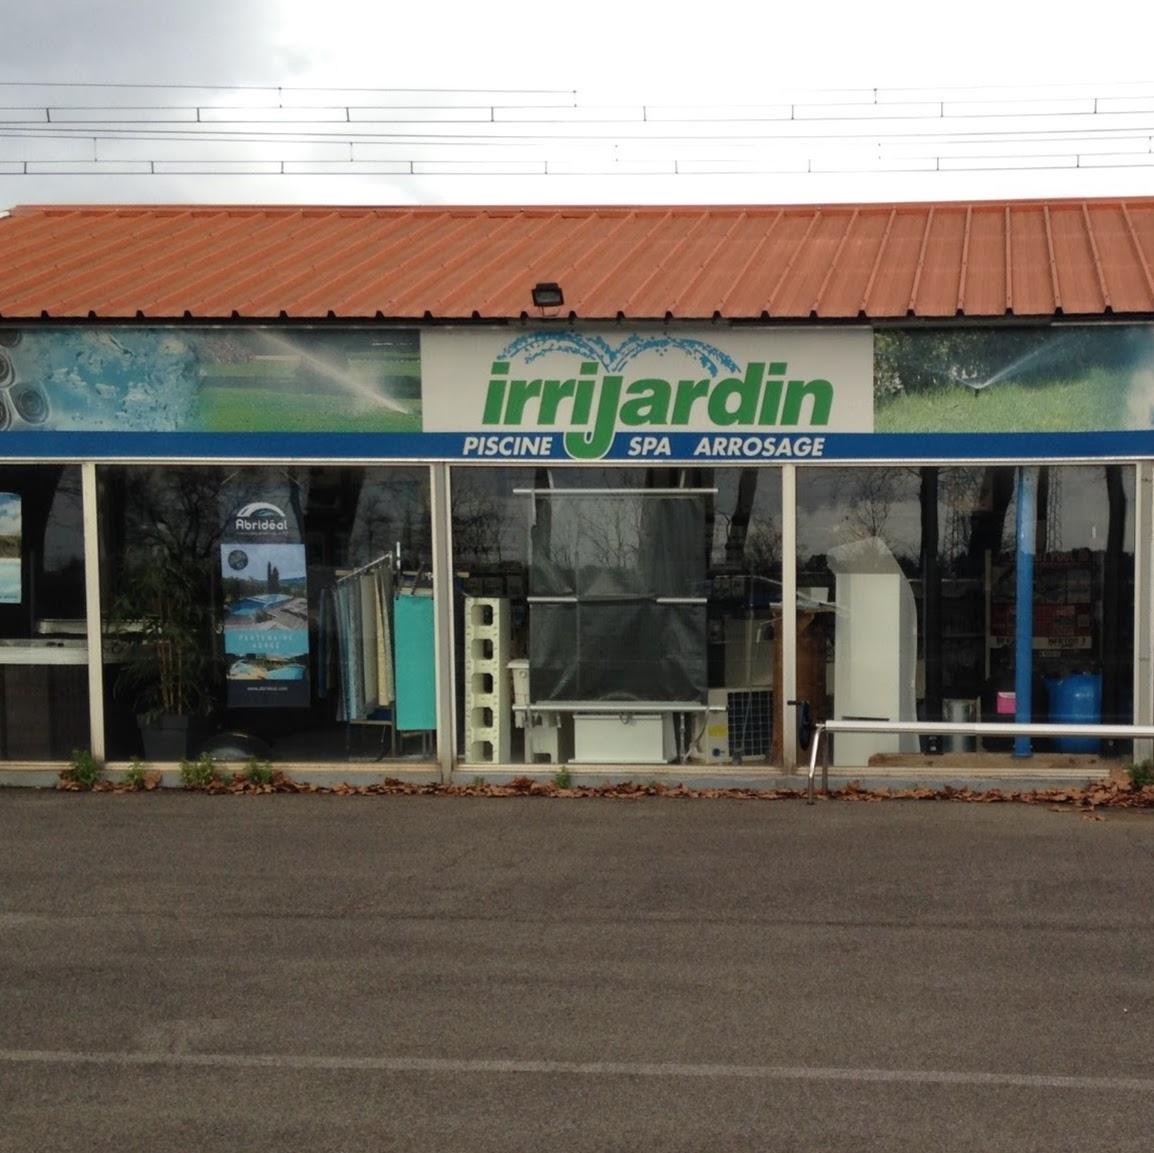 Irrijardin Béziers À Béziers 34500 (Route D'agde): Adresse ... destiné Cash Piscine Beziers